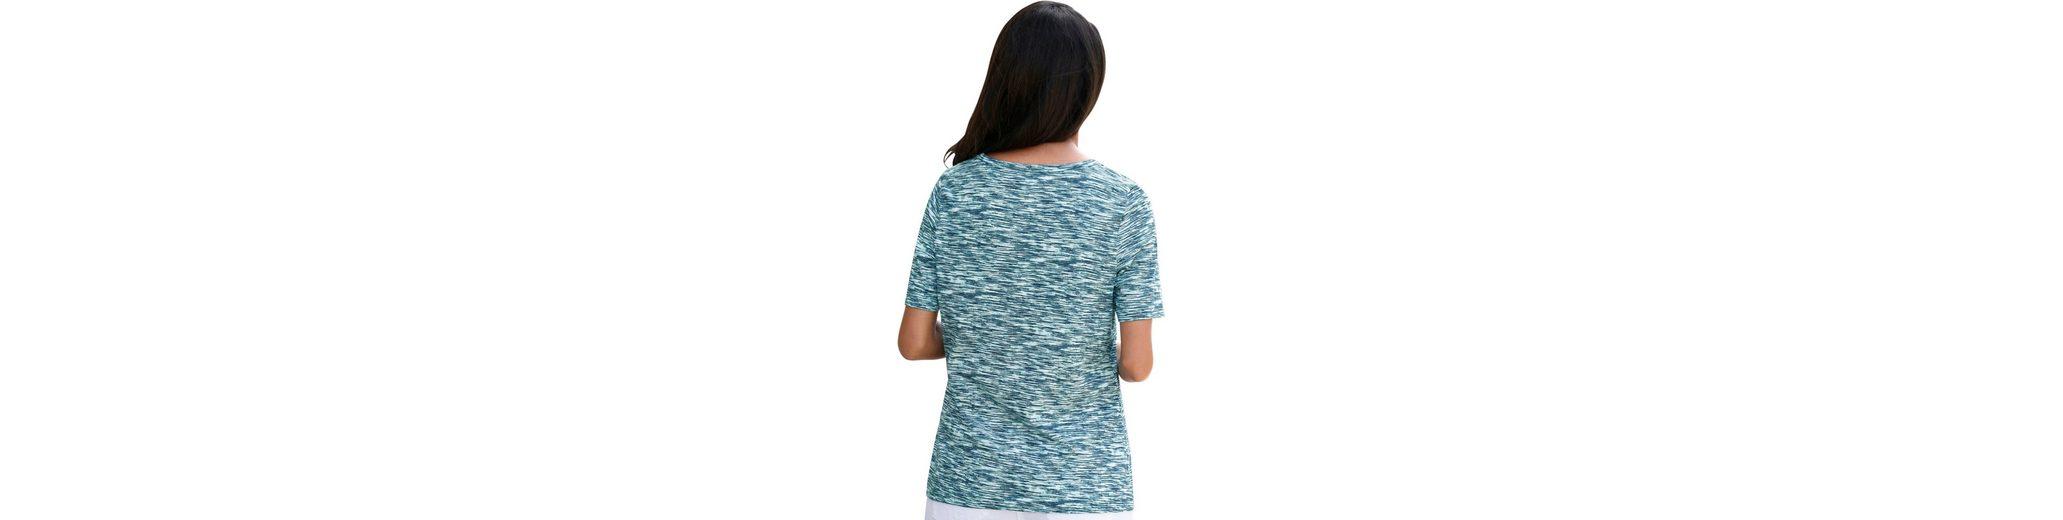 Collection L. Shirt in Melange-Optik Mit Visum Günstigem Preis Zahlen Steckdose Erkunden Werksverkauf Shop Selbst 1Bco1pSg